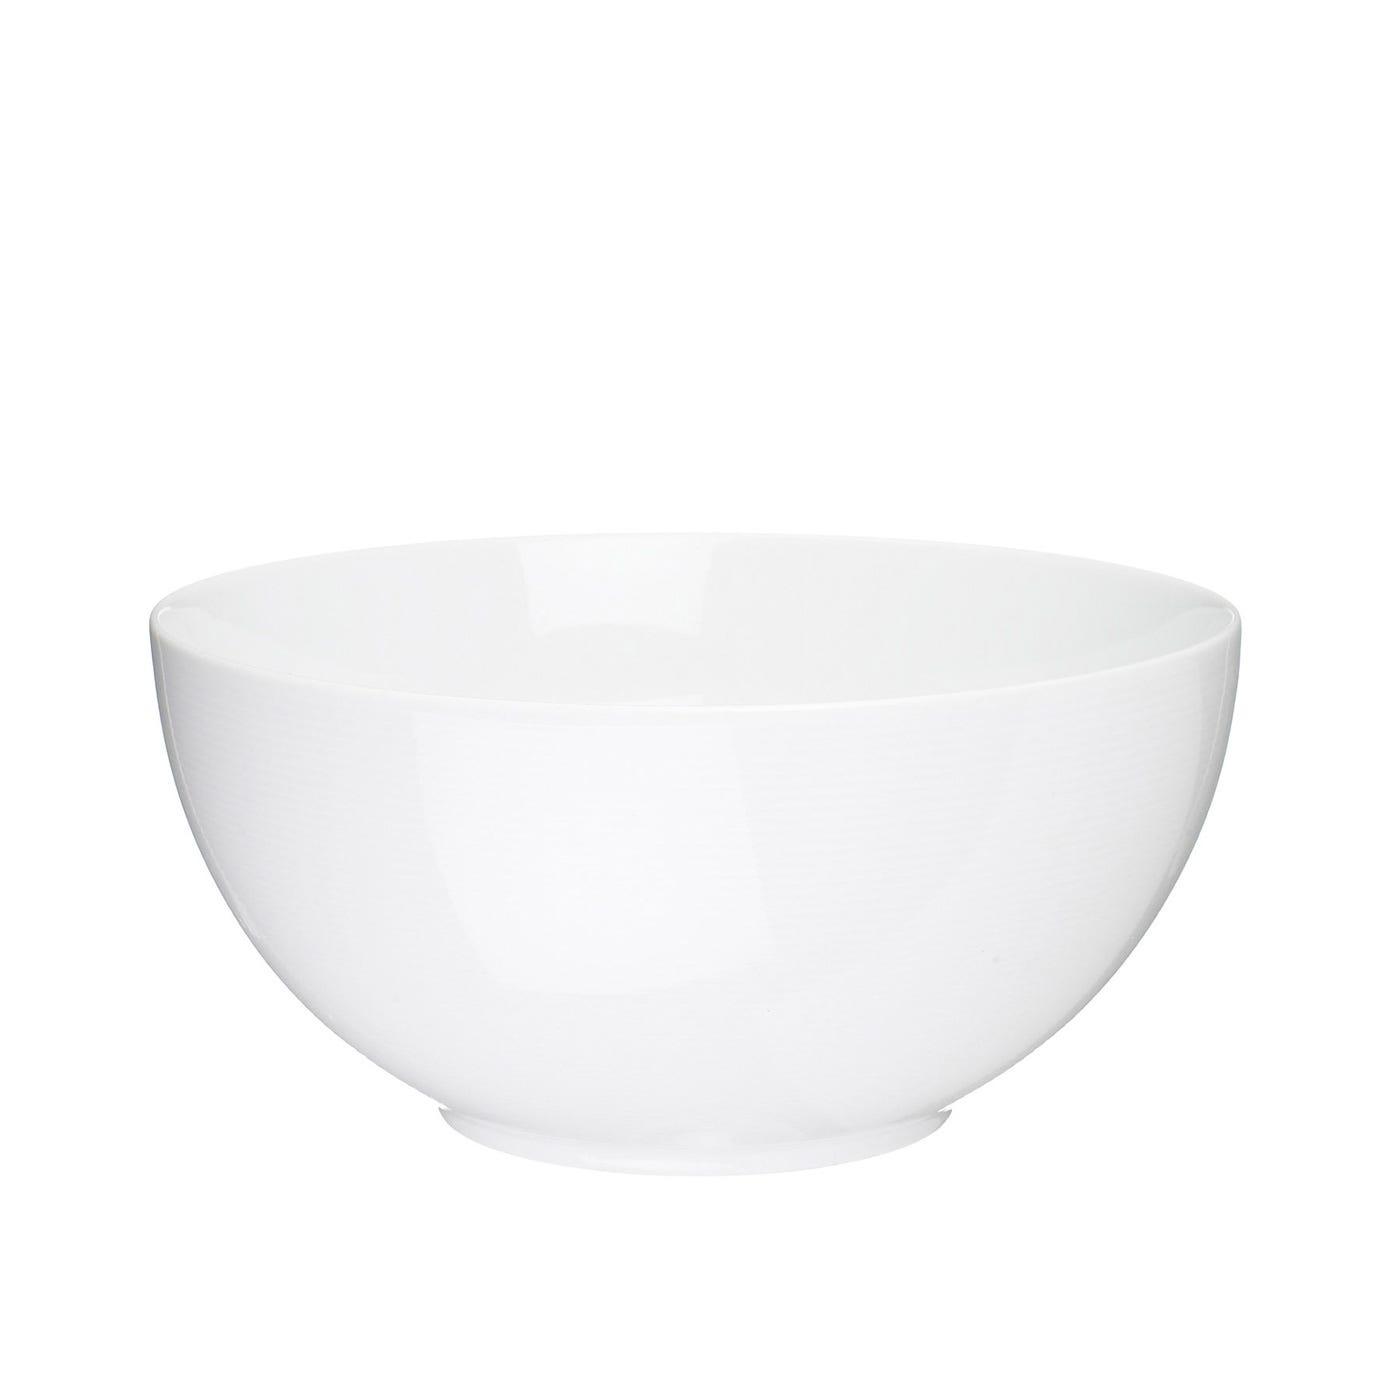 Loft White Cereal Bowl